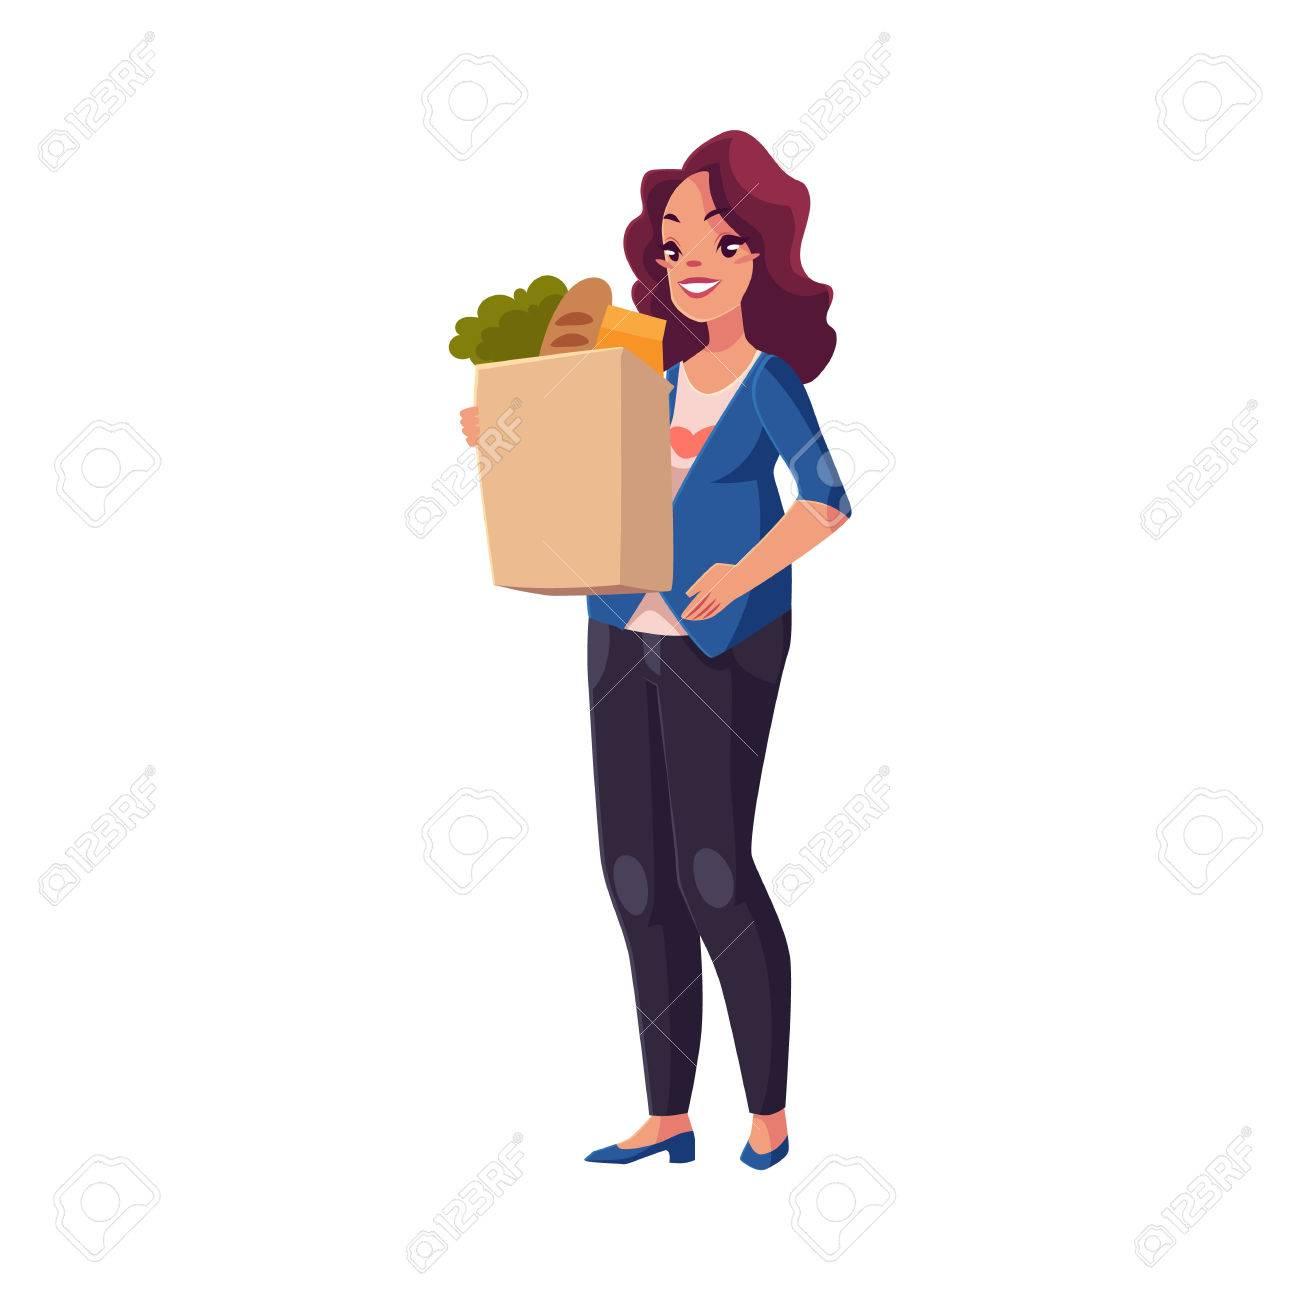 vignette di donne con la borsa della spesa